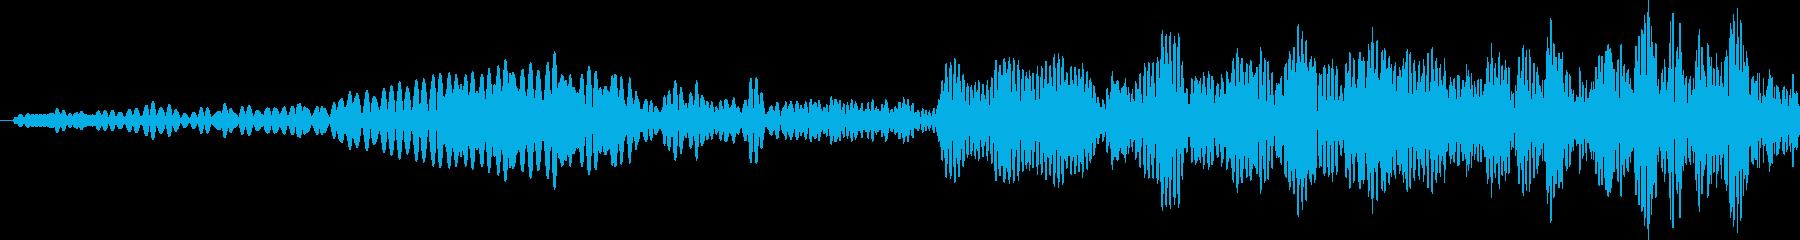 ブァアッ (ステータスアップの効果音)の再生済みの波形